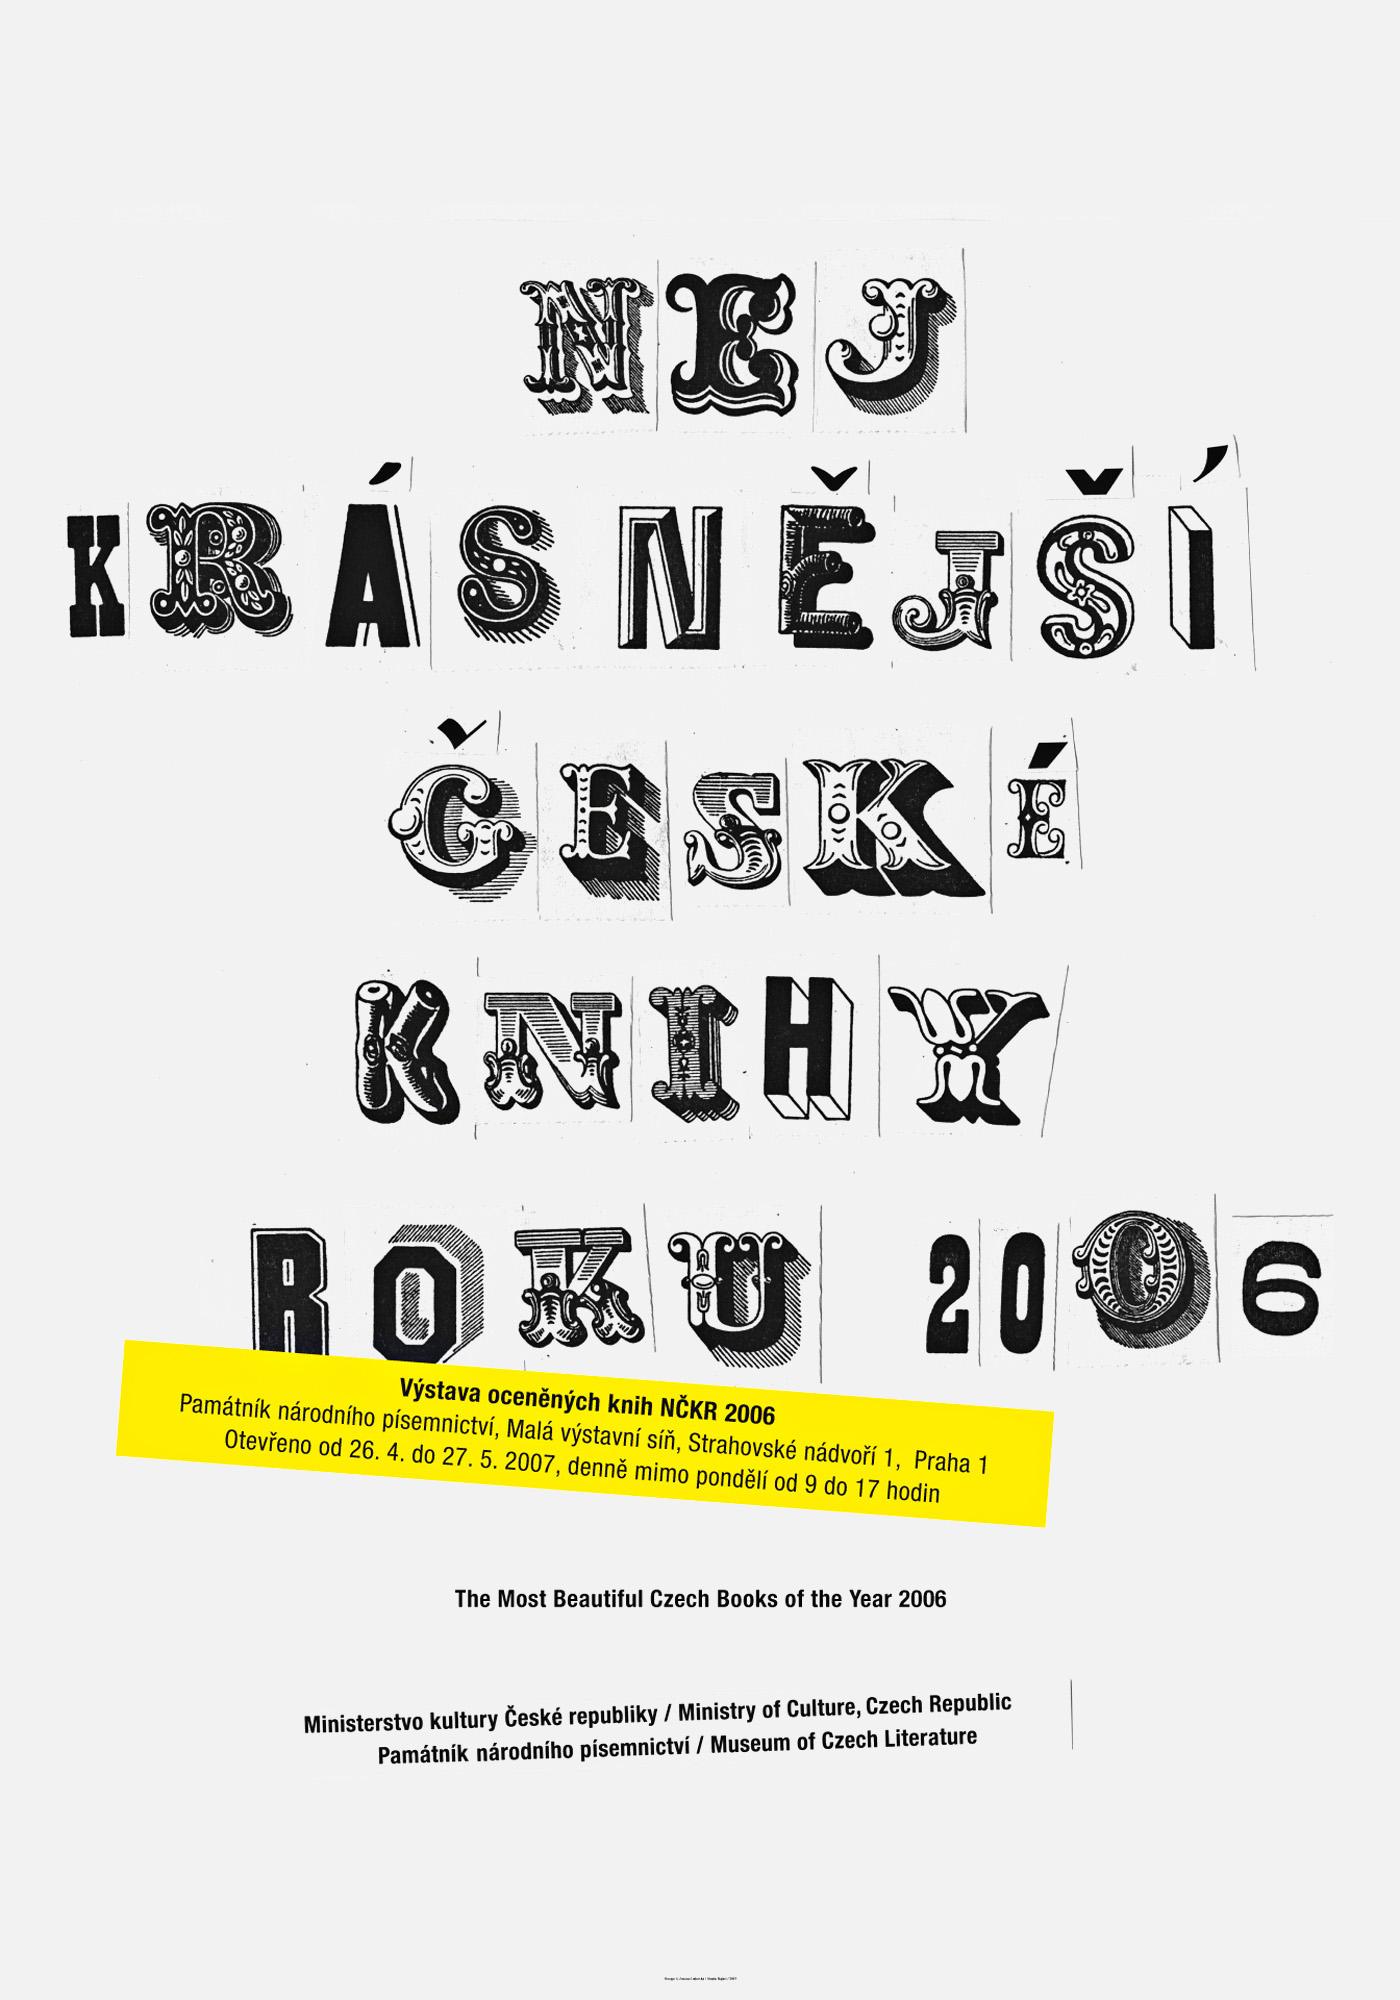 Nejkrásnější české knihy 2006